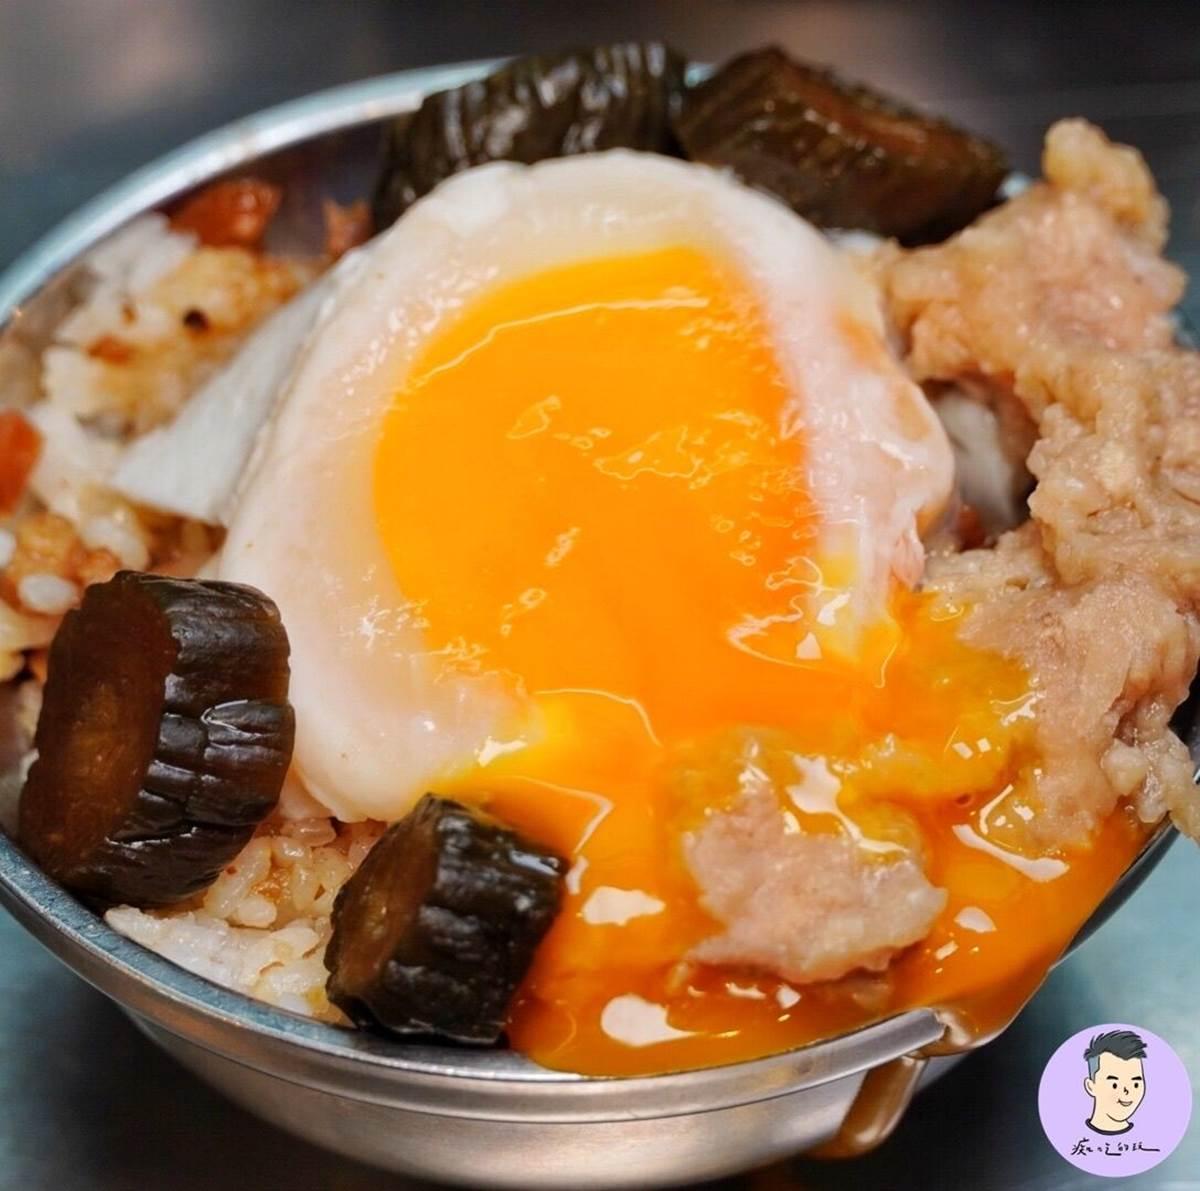 排隊也要吃!寧夏夜市7家老字號美食:40年鴨蛋滷肉飯、Q彈「黑心白玉」、秒殺級芋丸